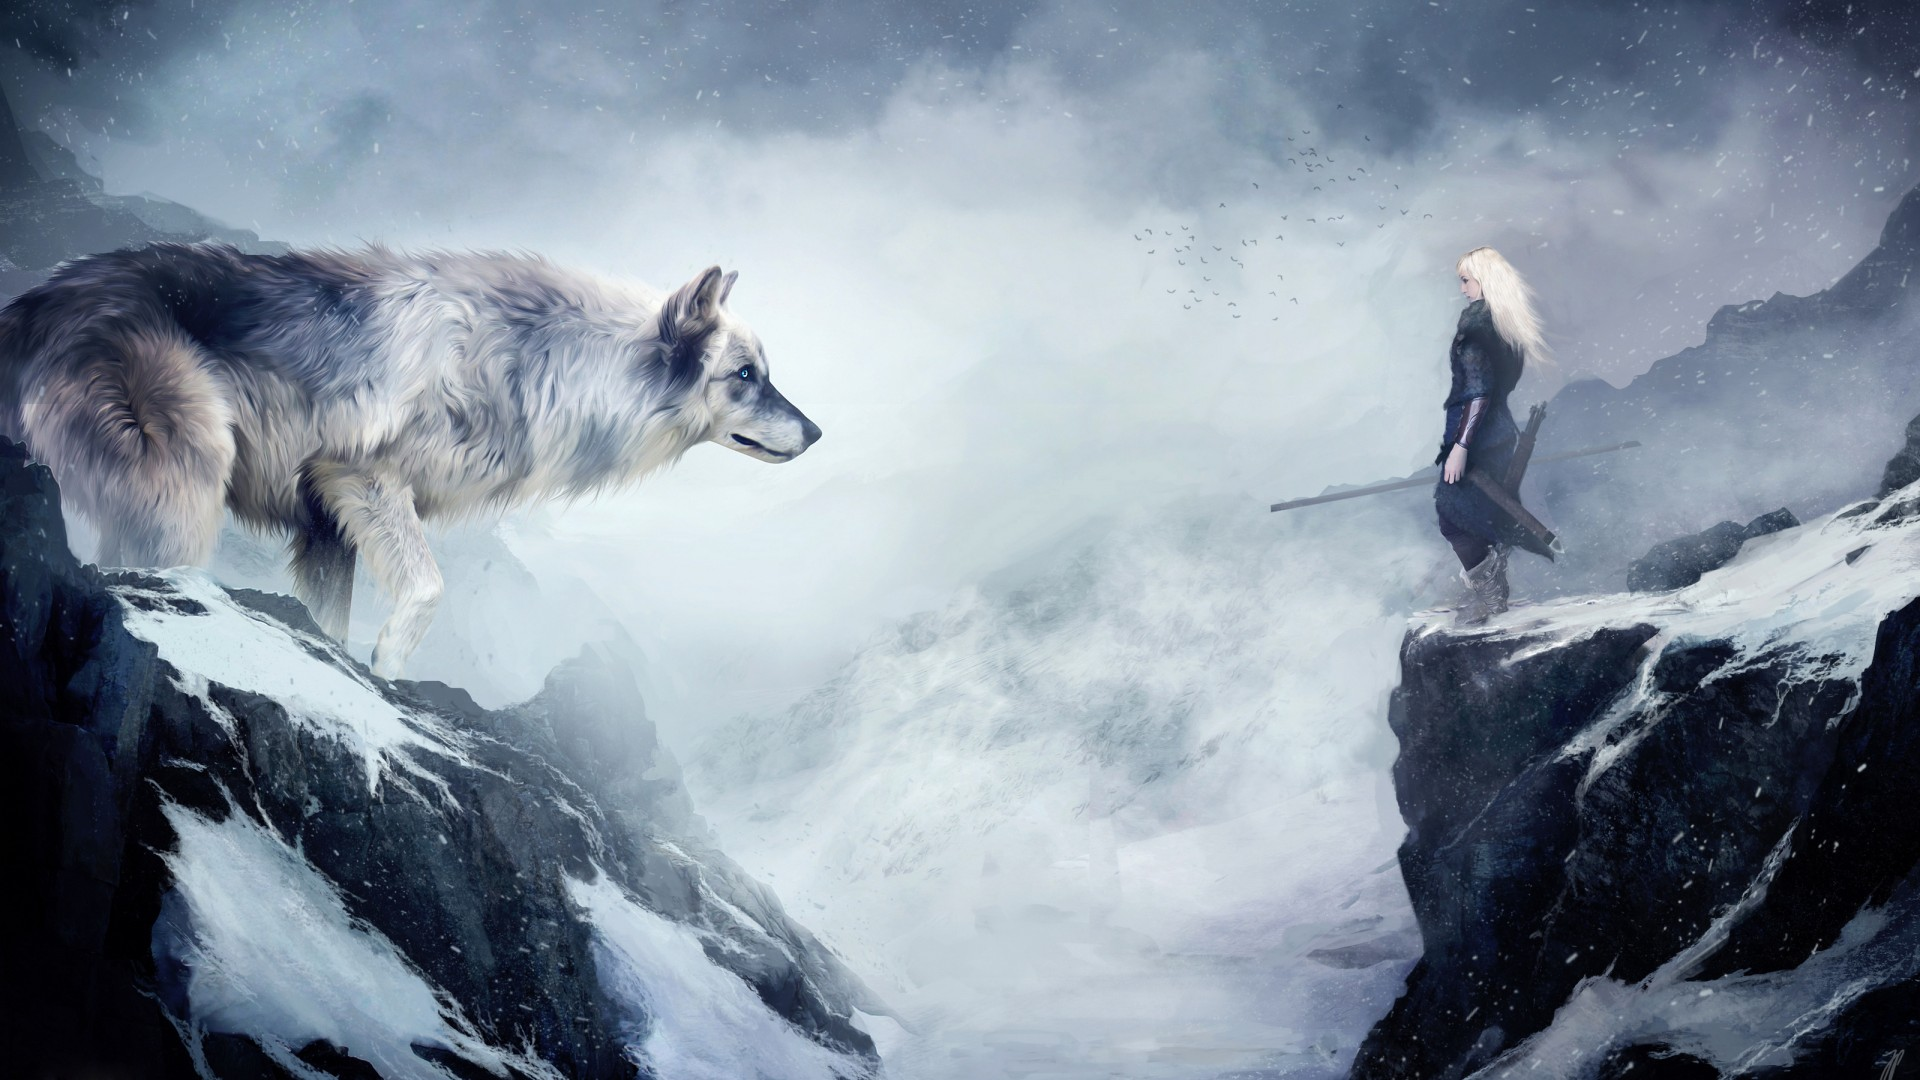 картинки человек и волк в одном телефоне из-за такого отношения